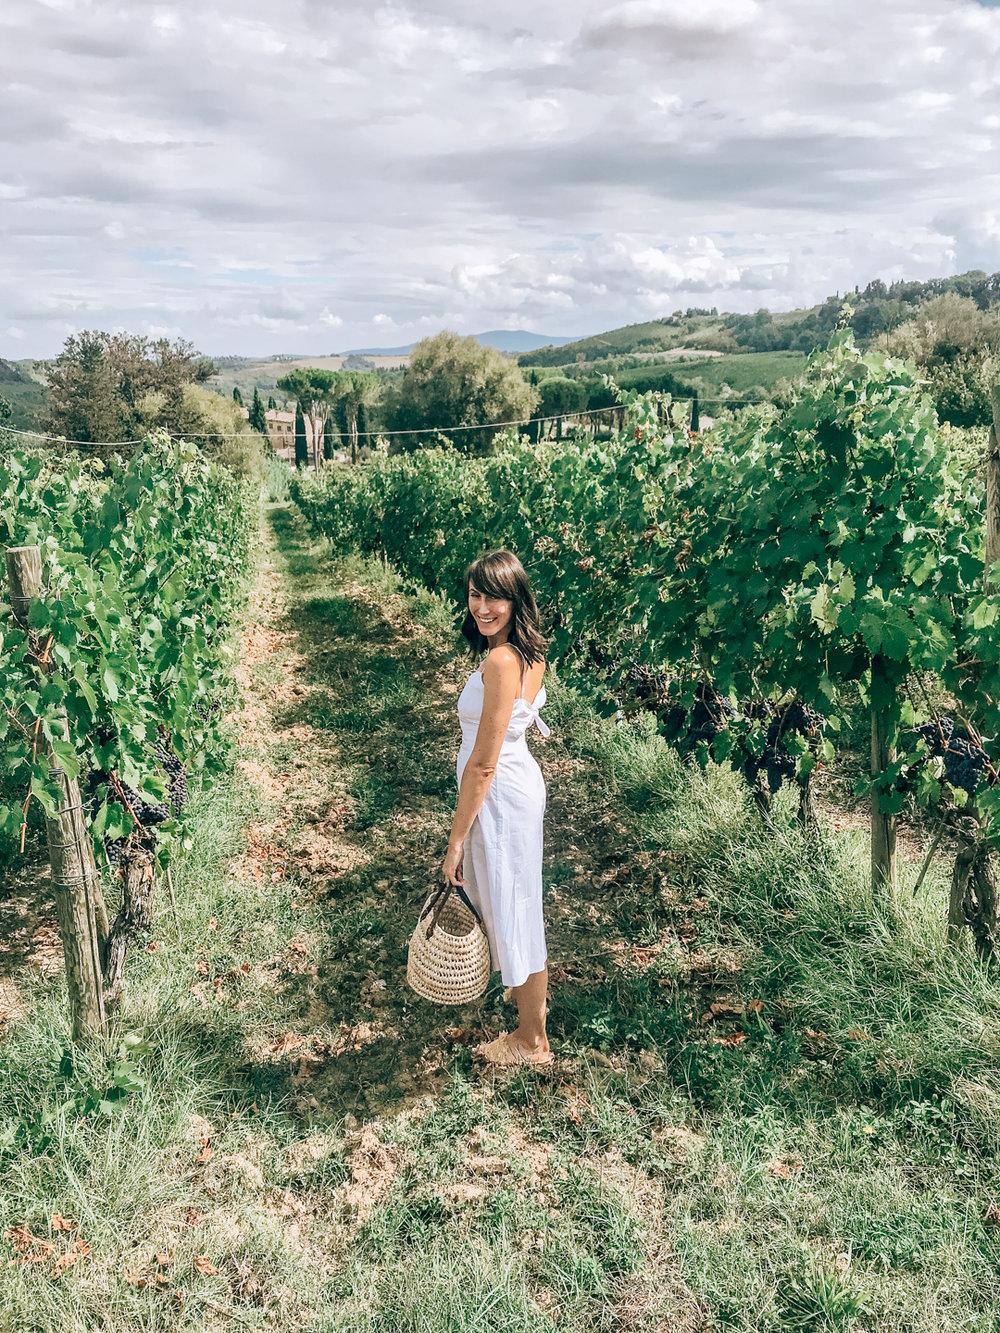 Tuscany trip - extra2-2.jpg